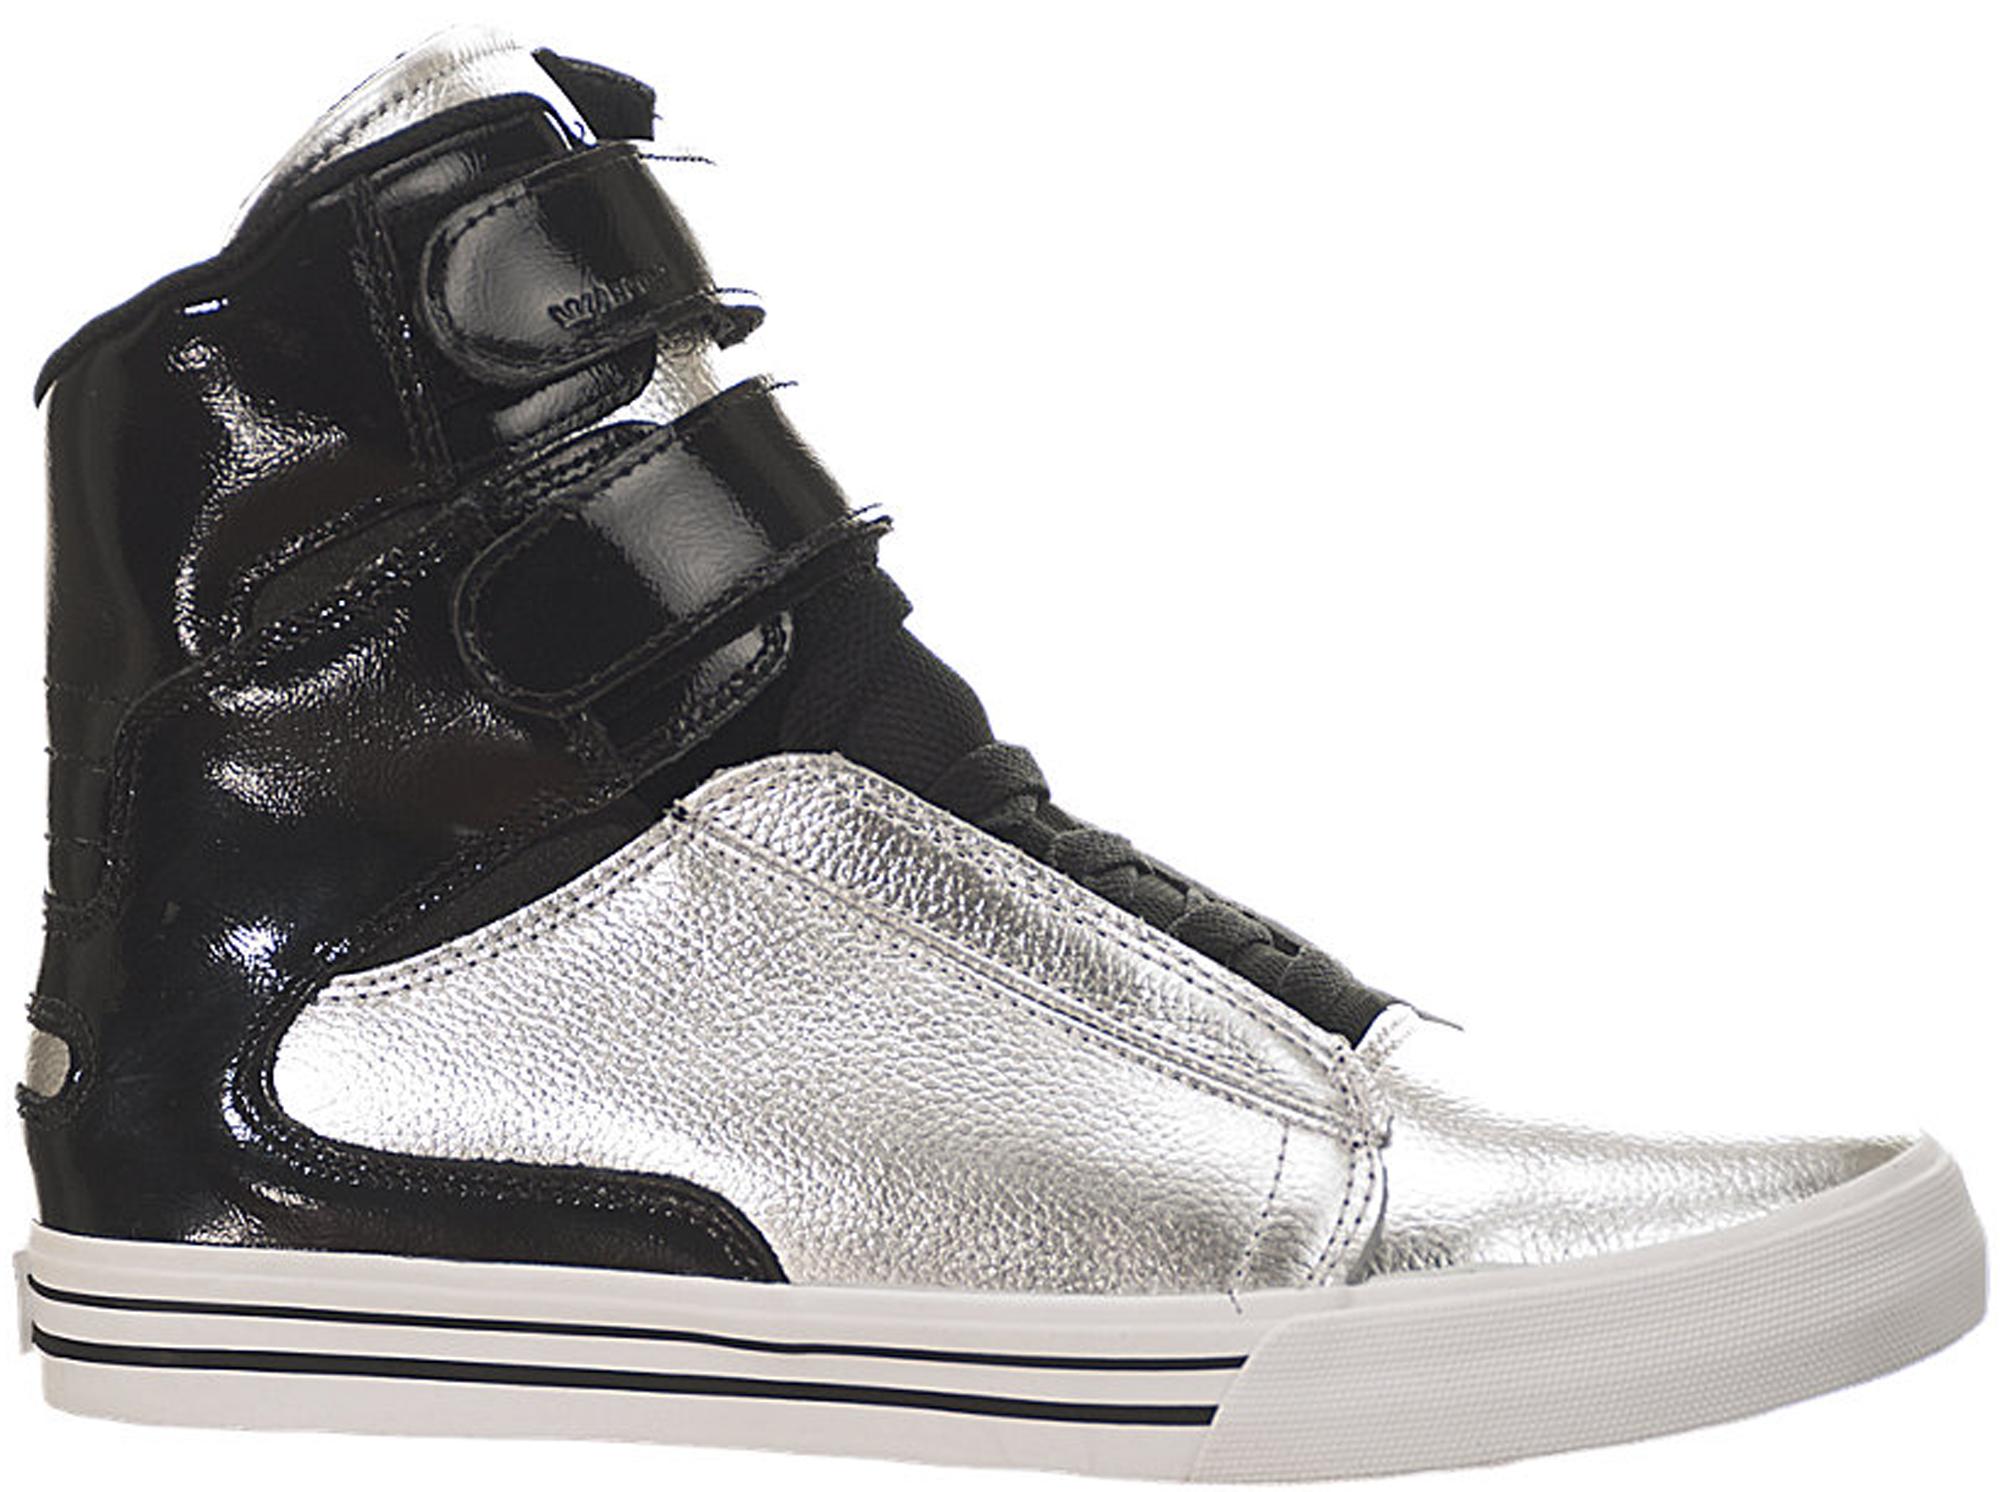 Supra Society 2 Silver Black - S34178